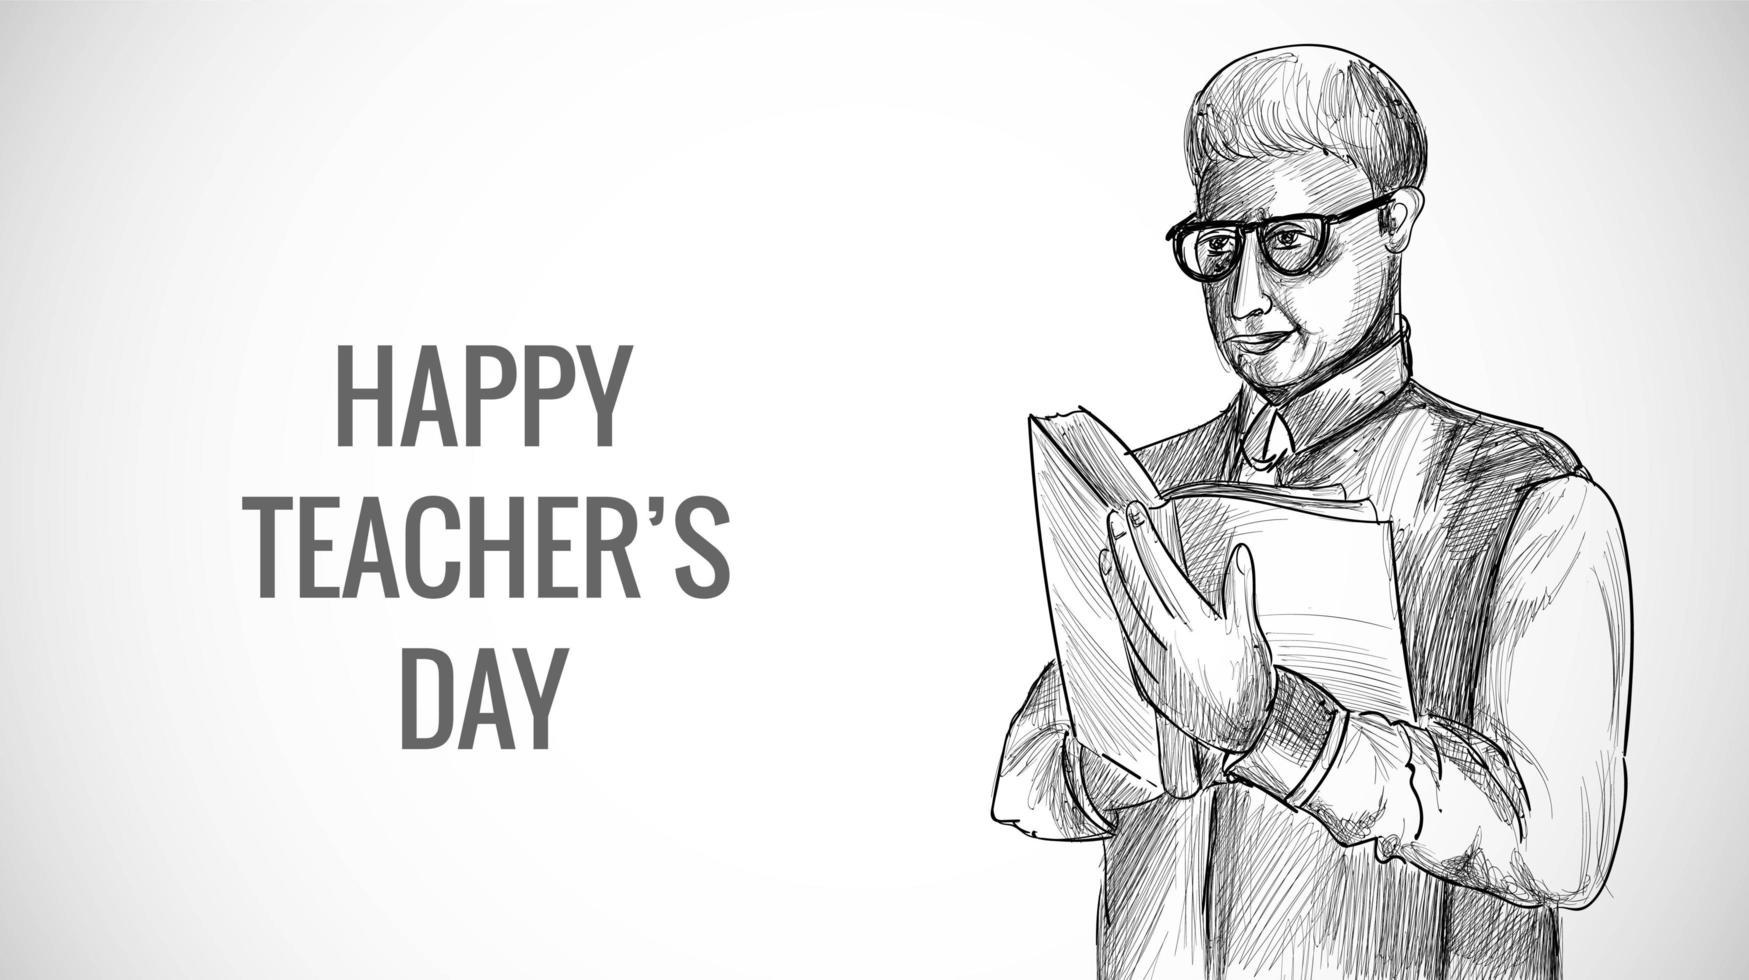 professeur de sexe masculin croquis dessiné à la main avec fond de jour des enseignants vecteur